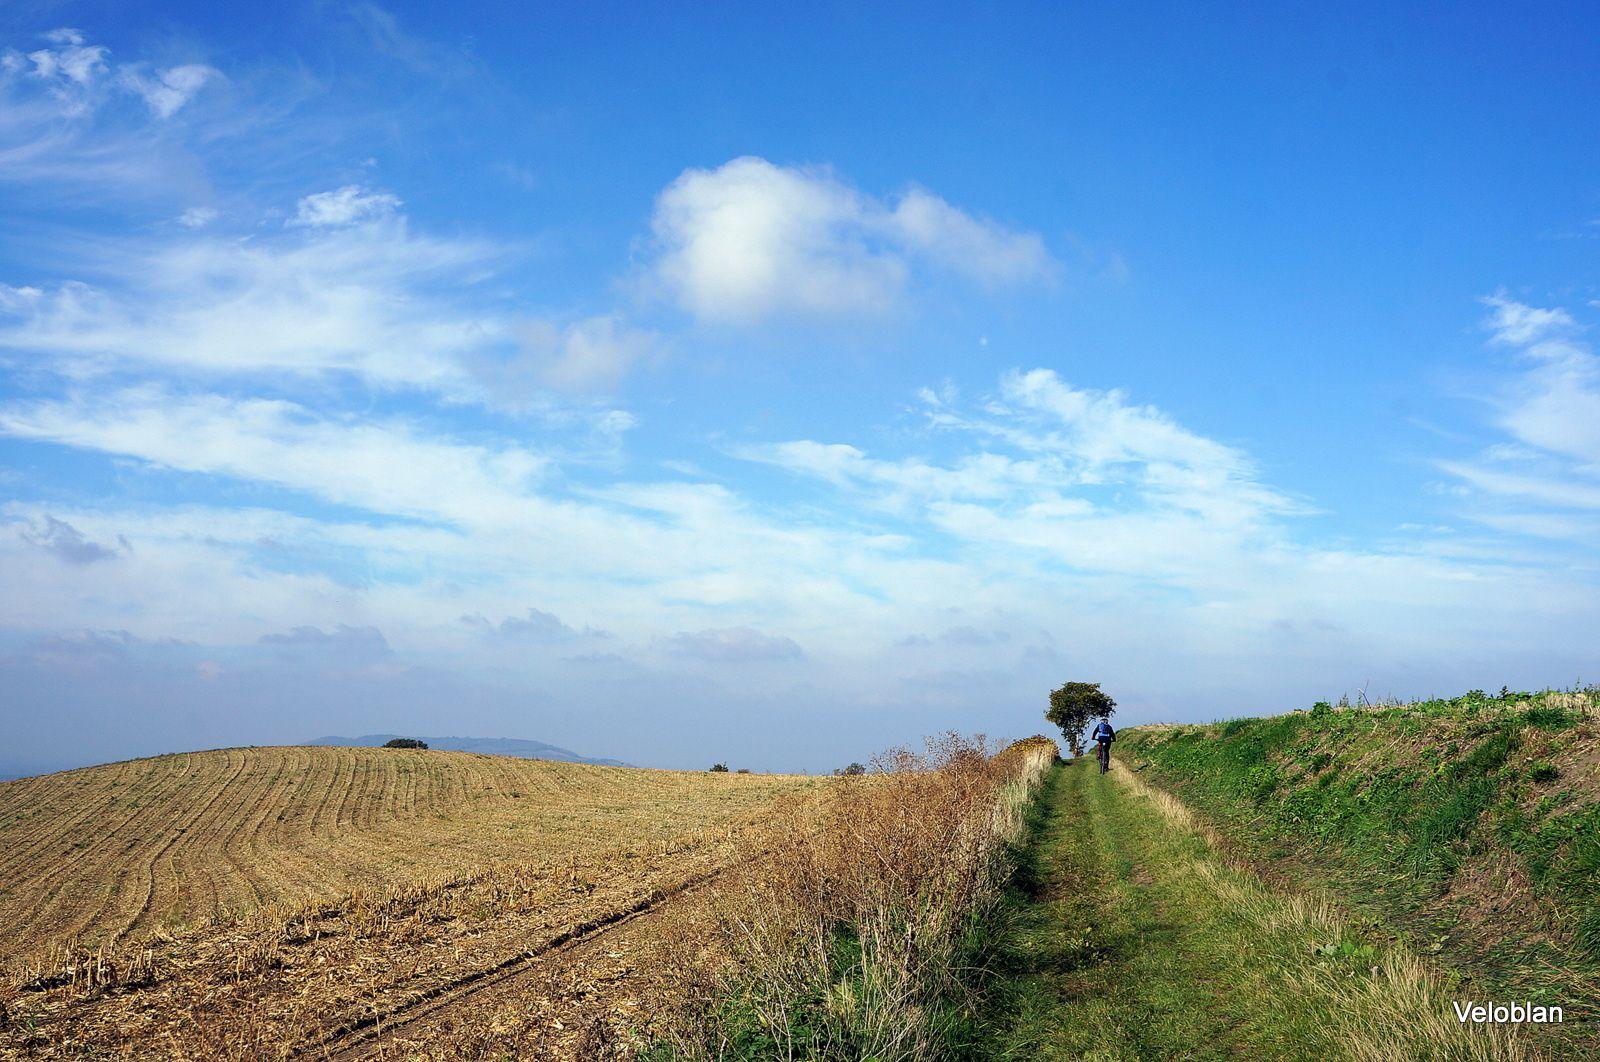 Les berges de l'Allier + quelques talus